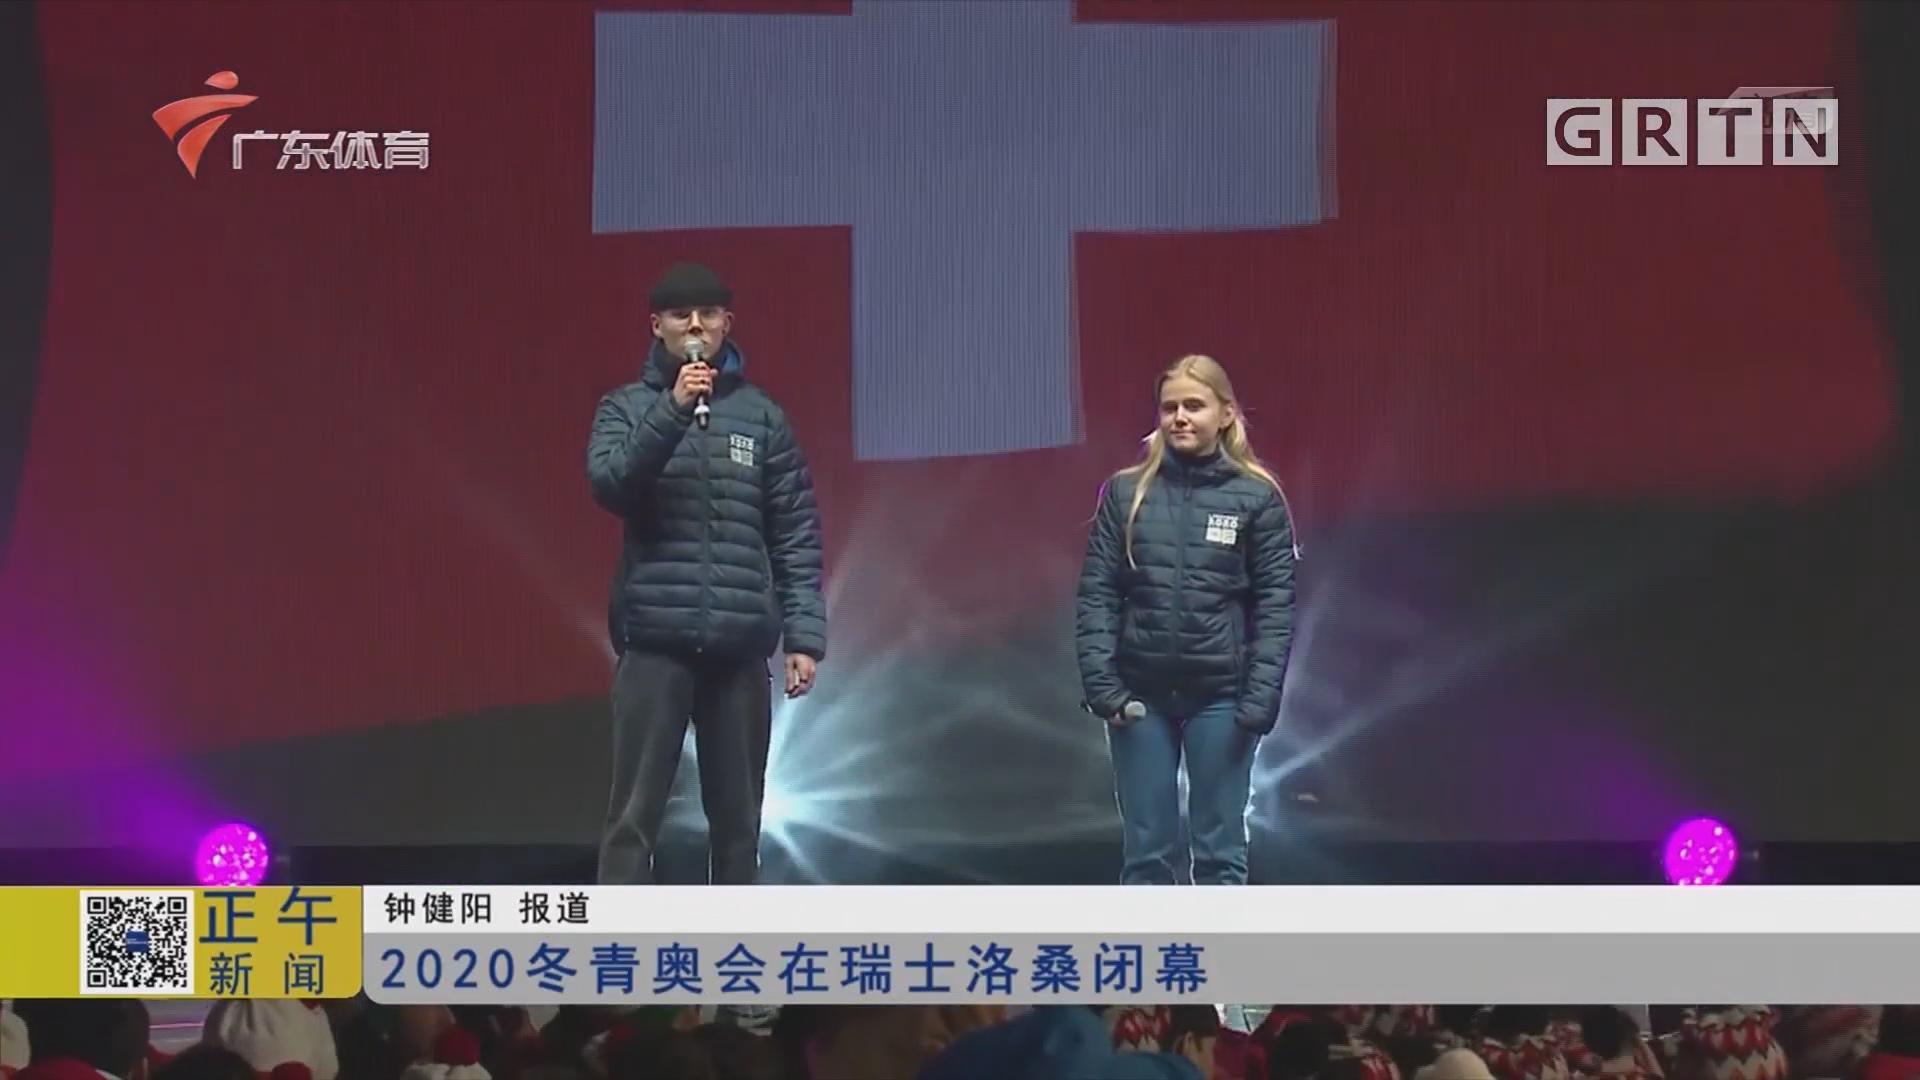 2020冬青奥会在瑞士洛桑闭幕